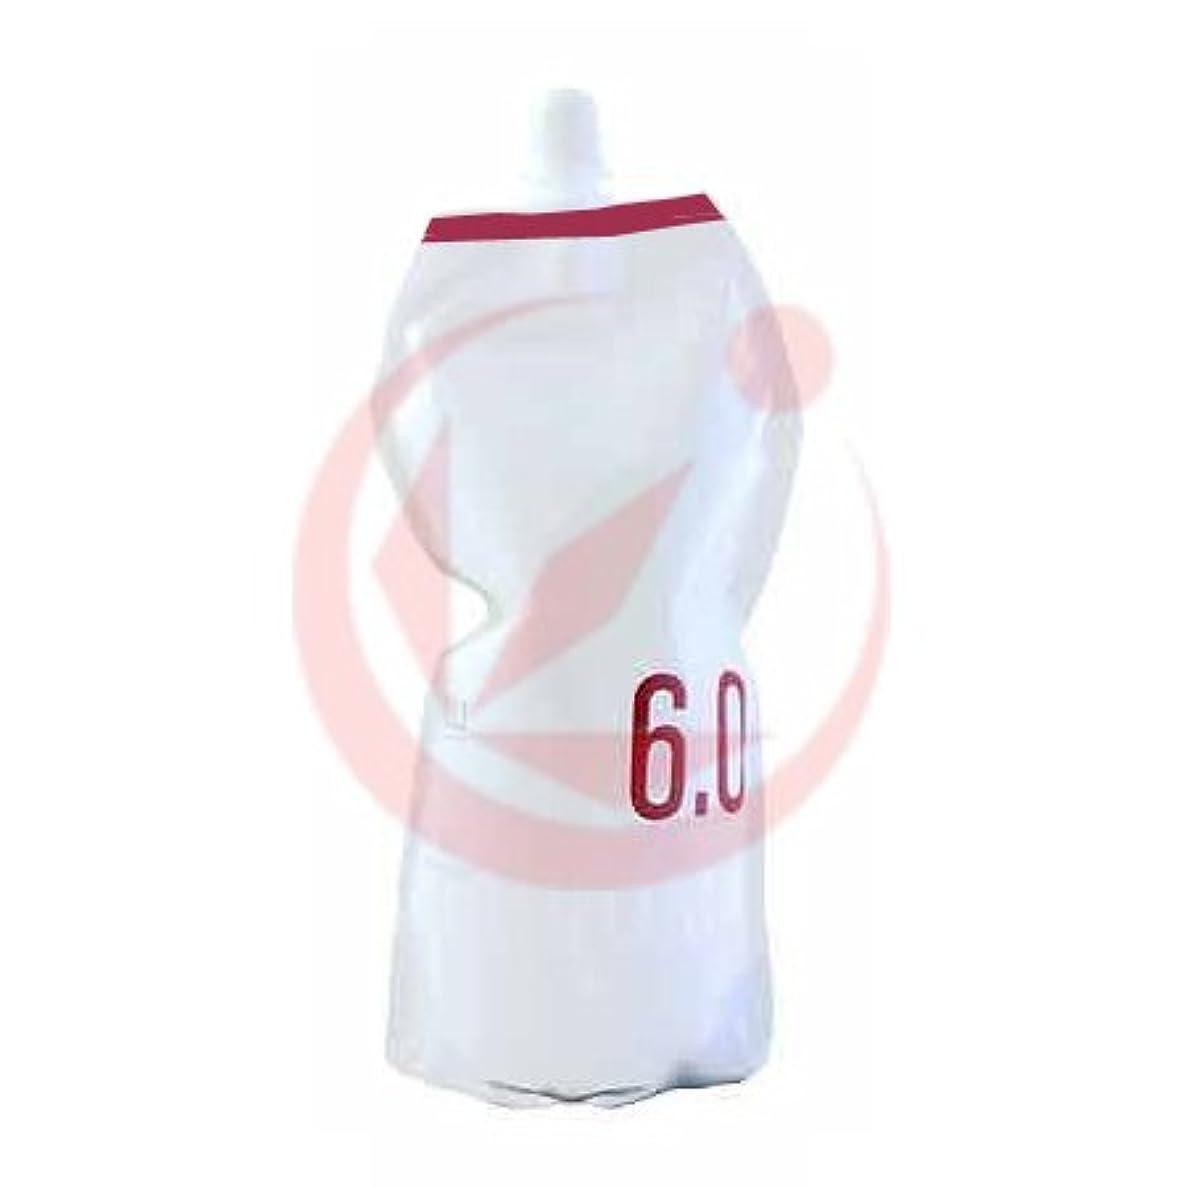 シリーズ素子おしゃれじゃないナンバースリー プロアクション リクロマ オキシ(OX) 1200ml(2剤) 6.0%*